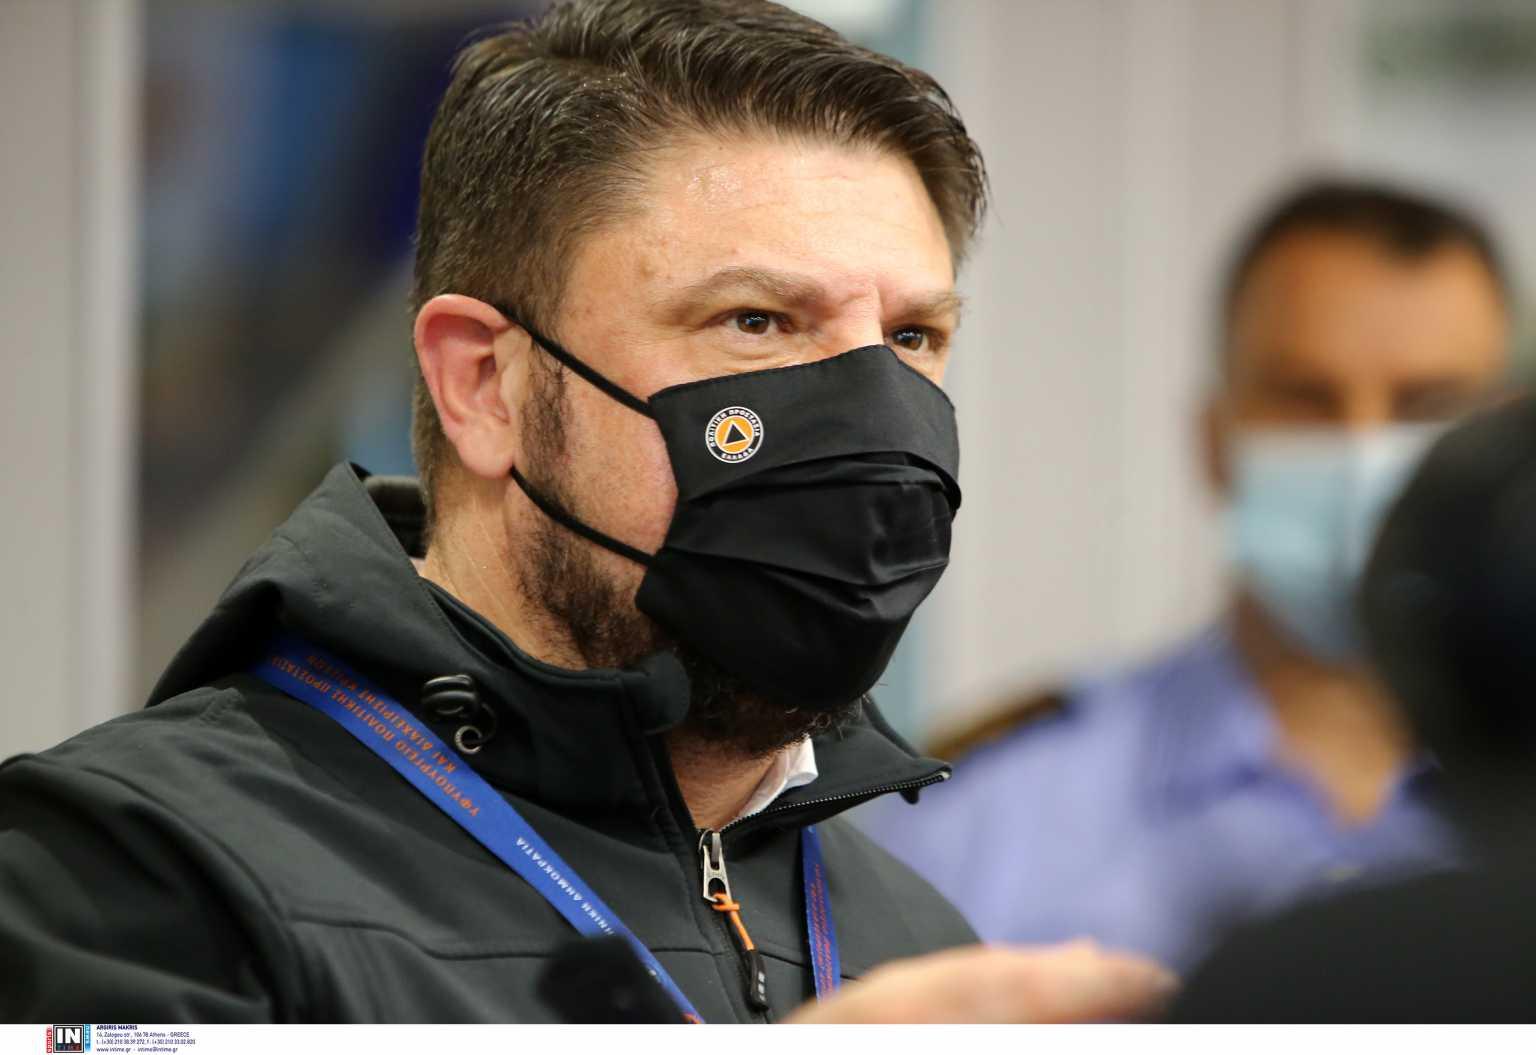 Κορονοϊός: LIVE η ενημέρωση Χαρδαλιά για την άρση μέτρων – Αλλαγές για μάσκες, απαγόρευση κυκλοφορίας και self tests